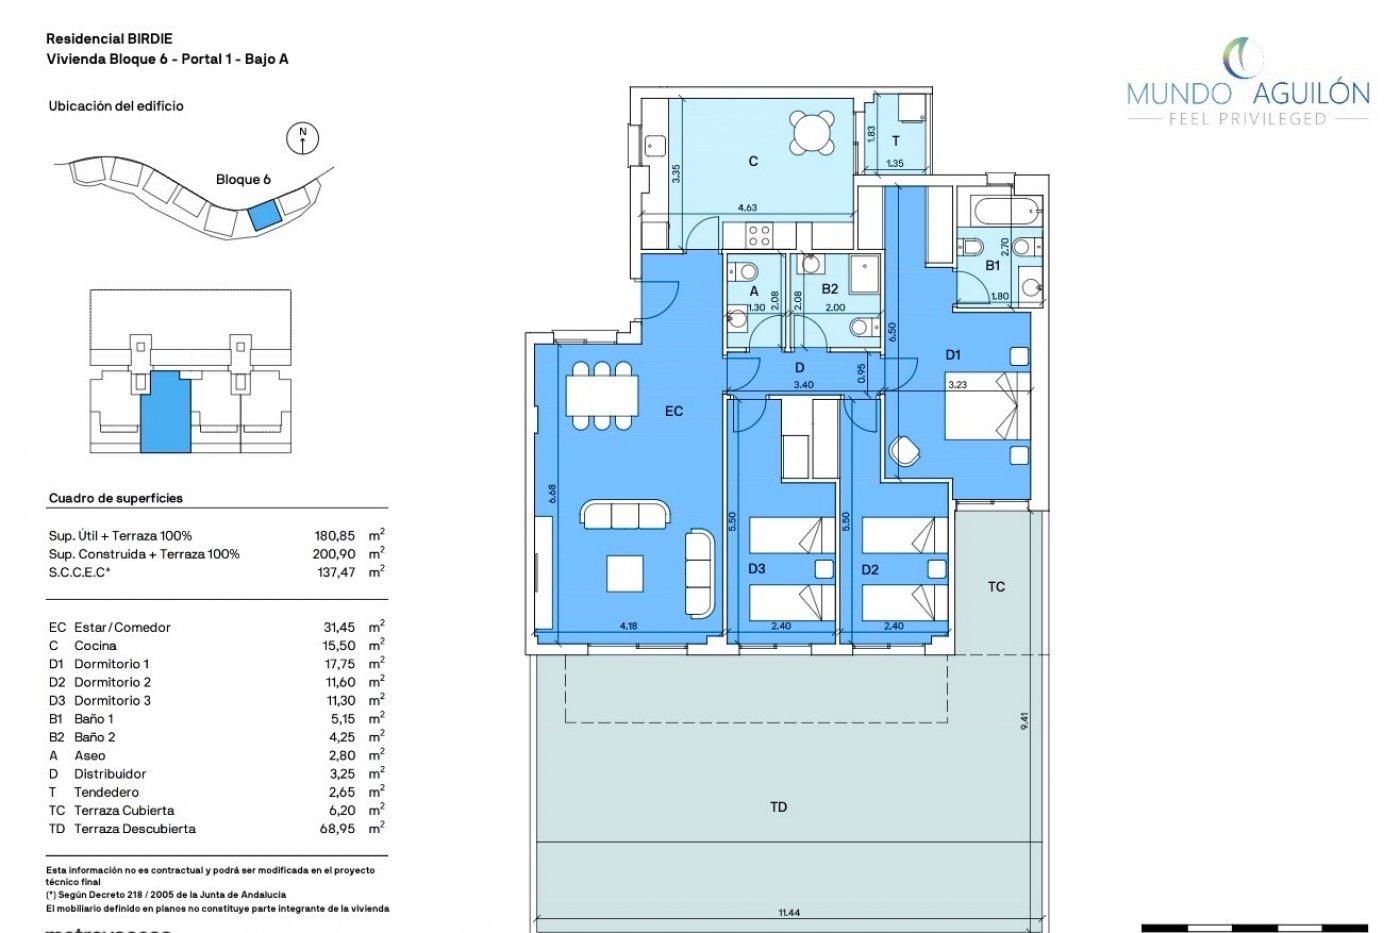 Imagen de la galería 1 of Gran apartamento orientado al sur de 3 dormitorios y 2 baños con preciosas vistas y 75 m2 de teraza